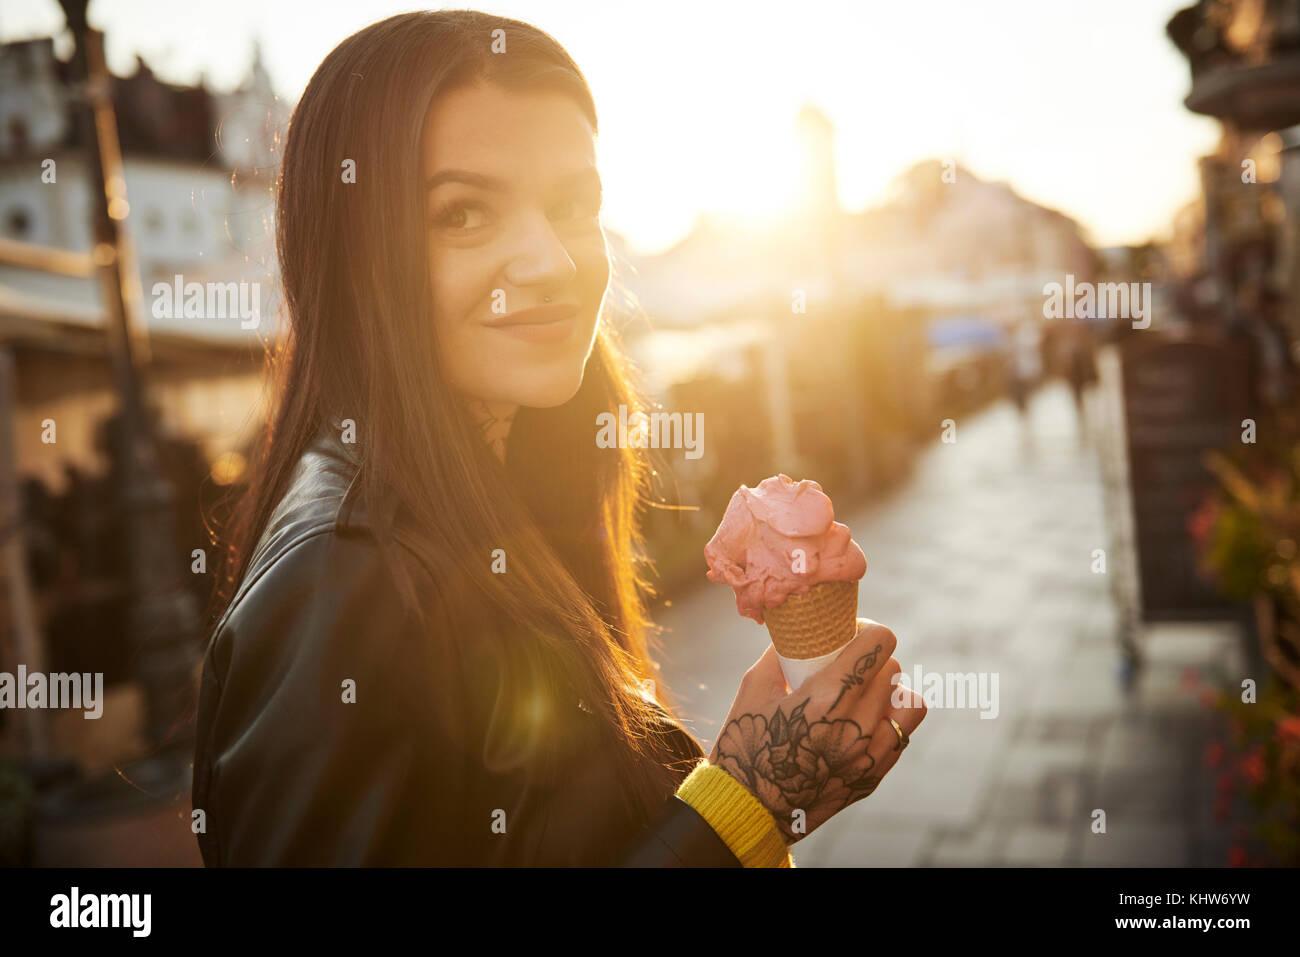 Retrato de mujer joven sosteniendo el helado, tatuajes en la mano Imagen De Stock